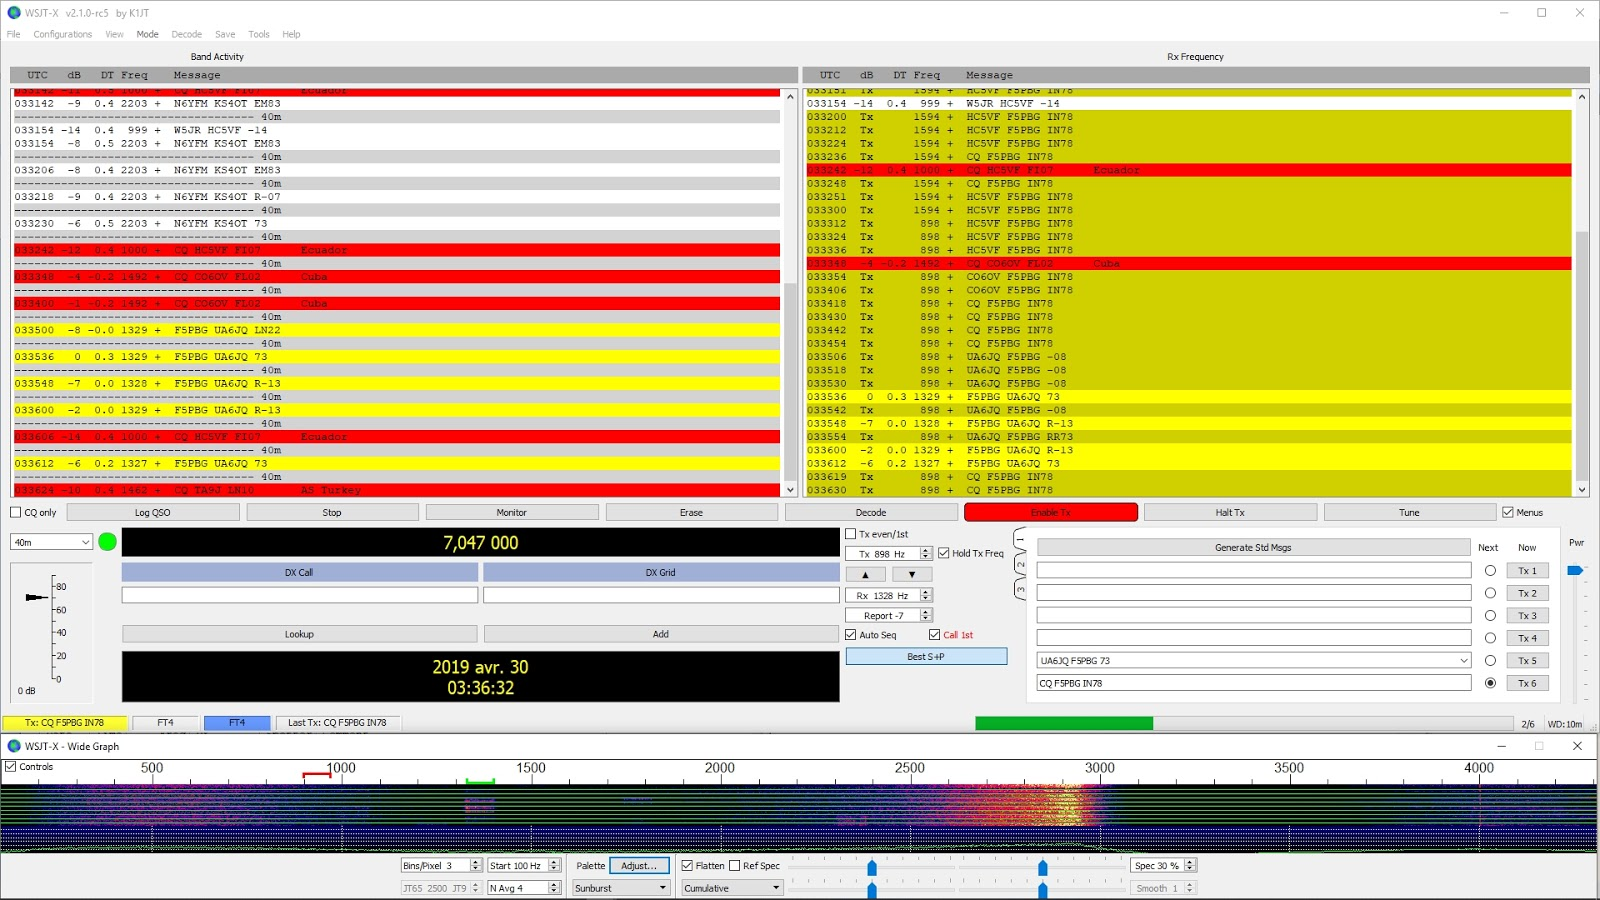 FT4 : wsjtx-2.1.0-rc5 disponible FT4